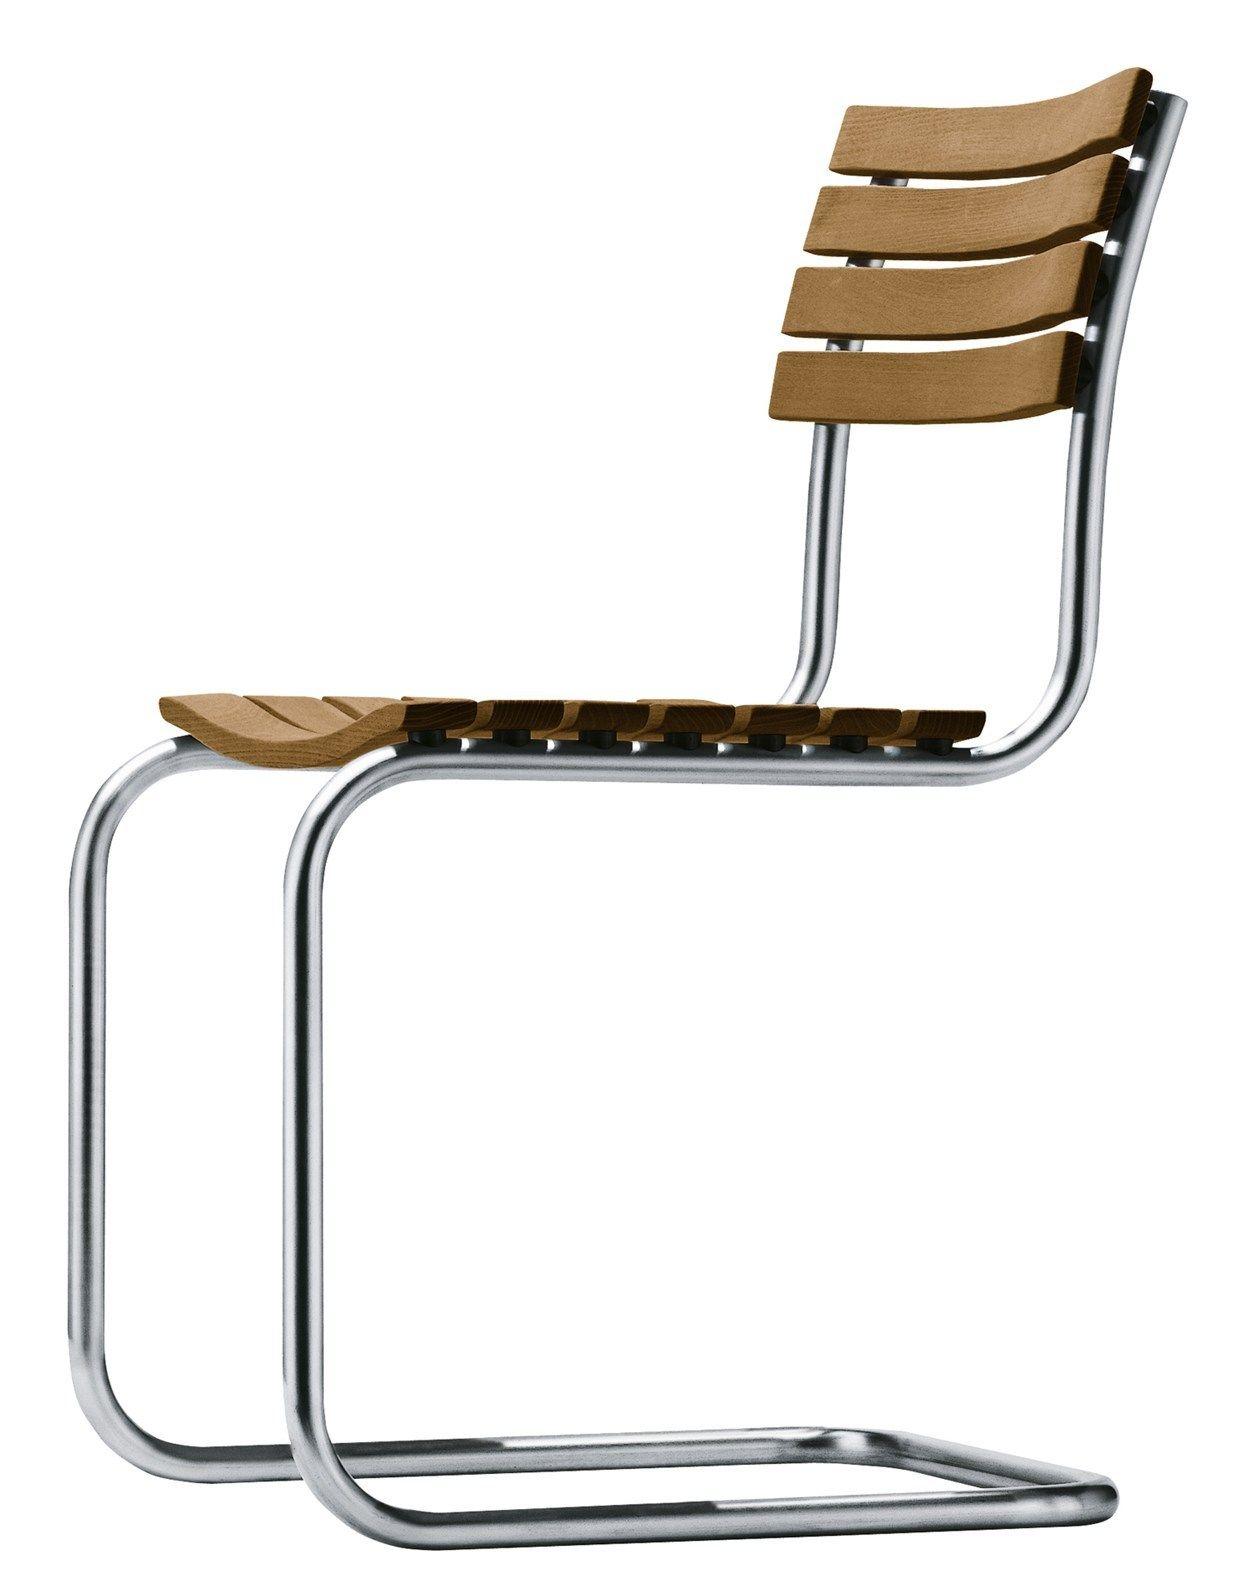 La sedia thonet s 40 firmata mart stam compie 80 anni il for Sedia design anni 40